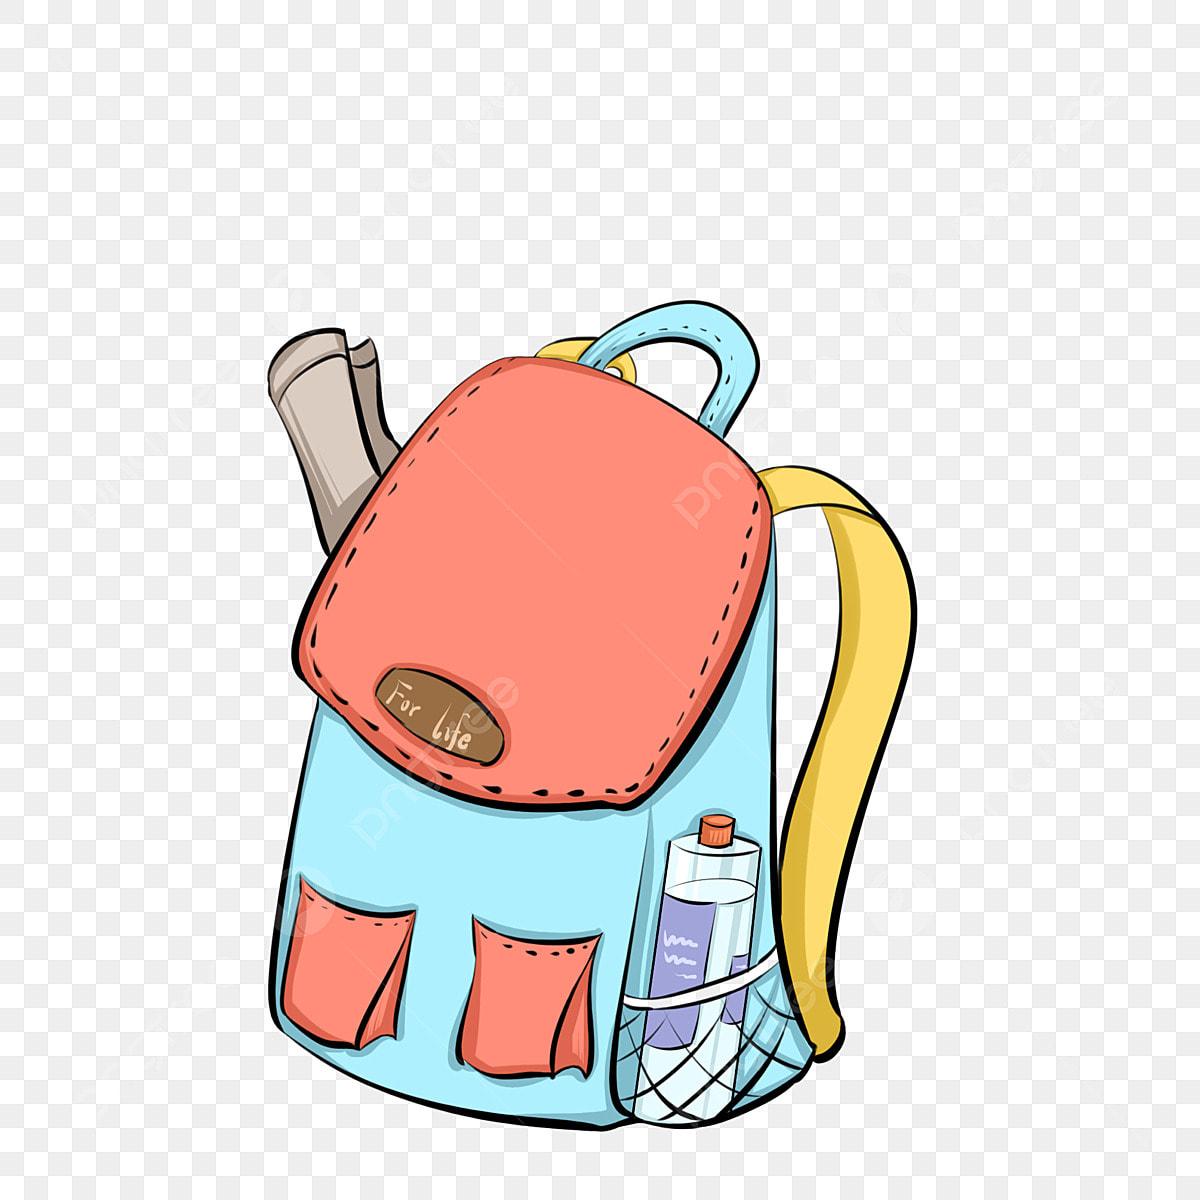 Rucksack Paket Handgemalter Rucksack Umhangetasche Abbildung Rucksack Clipart Farb Tasche Rot Png Und Psd Datei Zum Kostenlosen Download